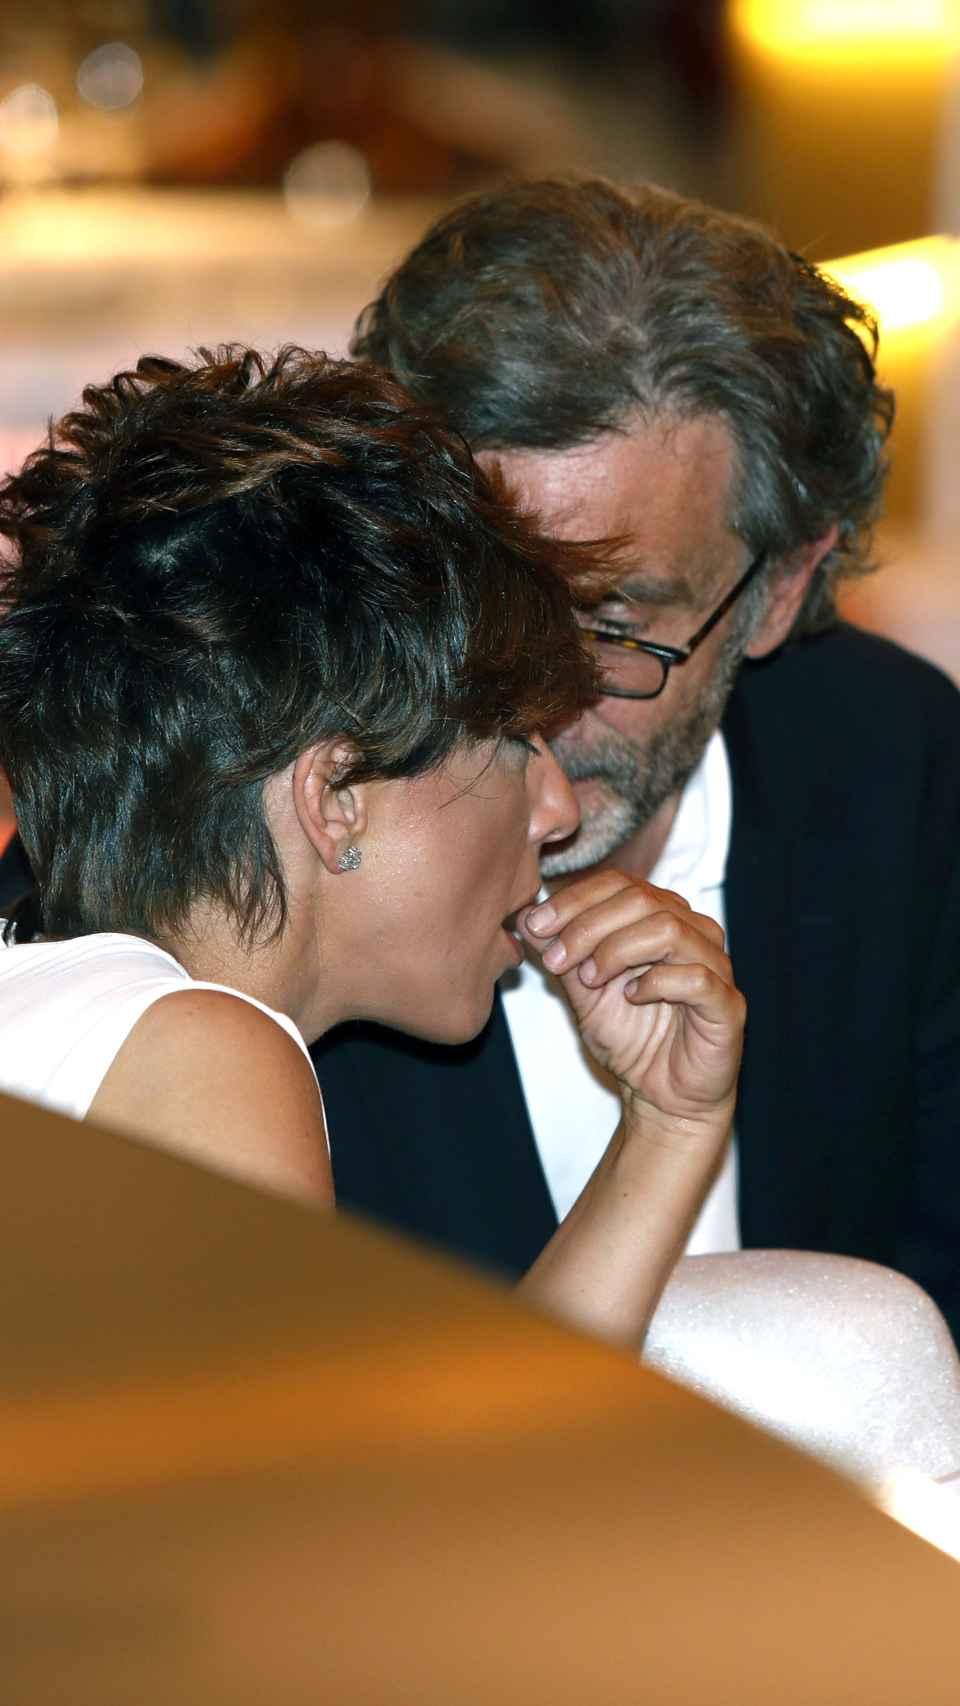 La pareja compartiendo confidencias.